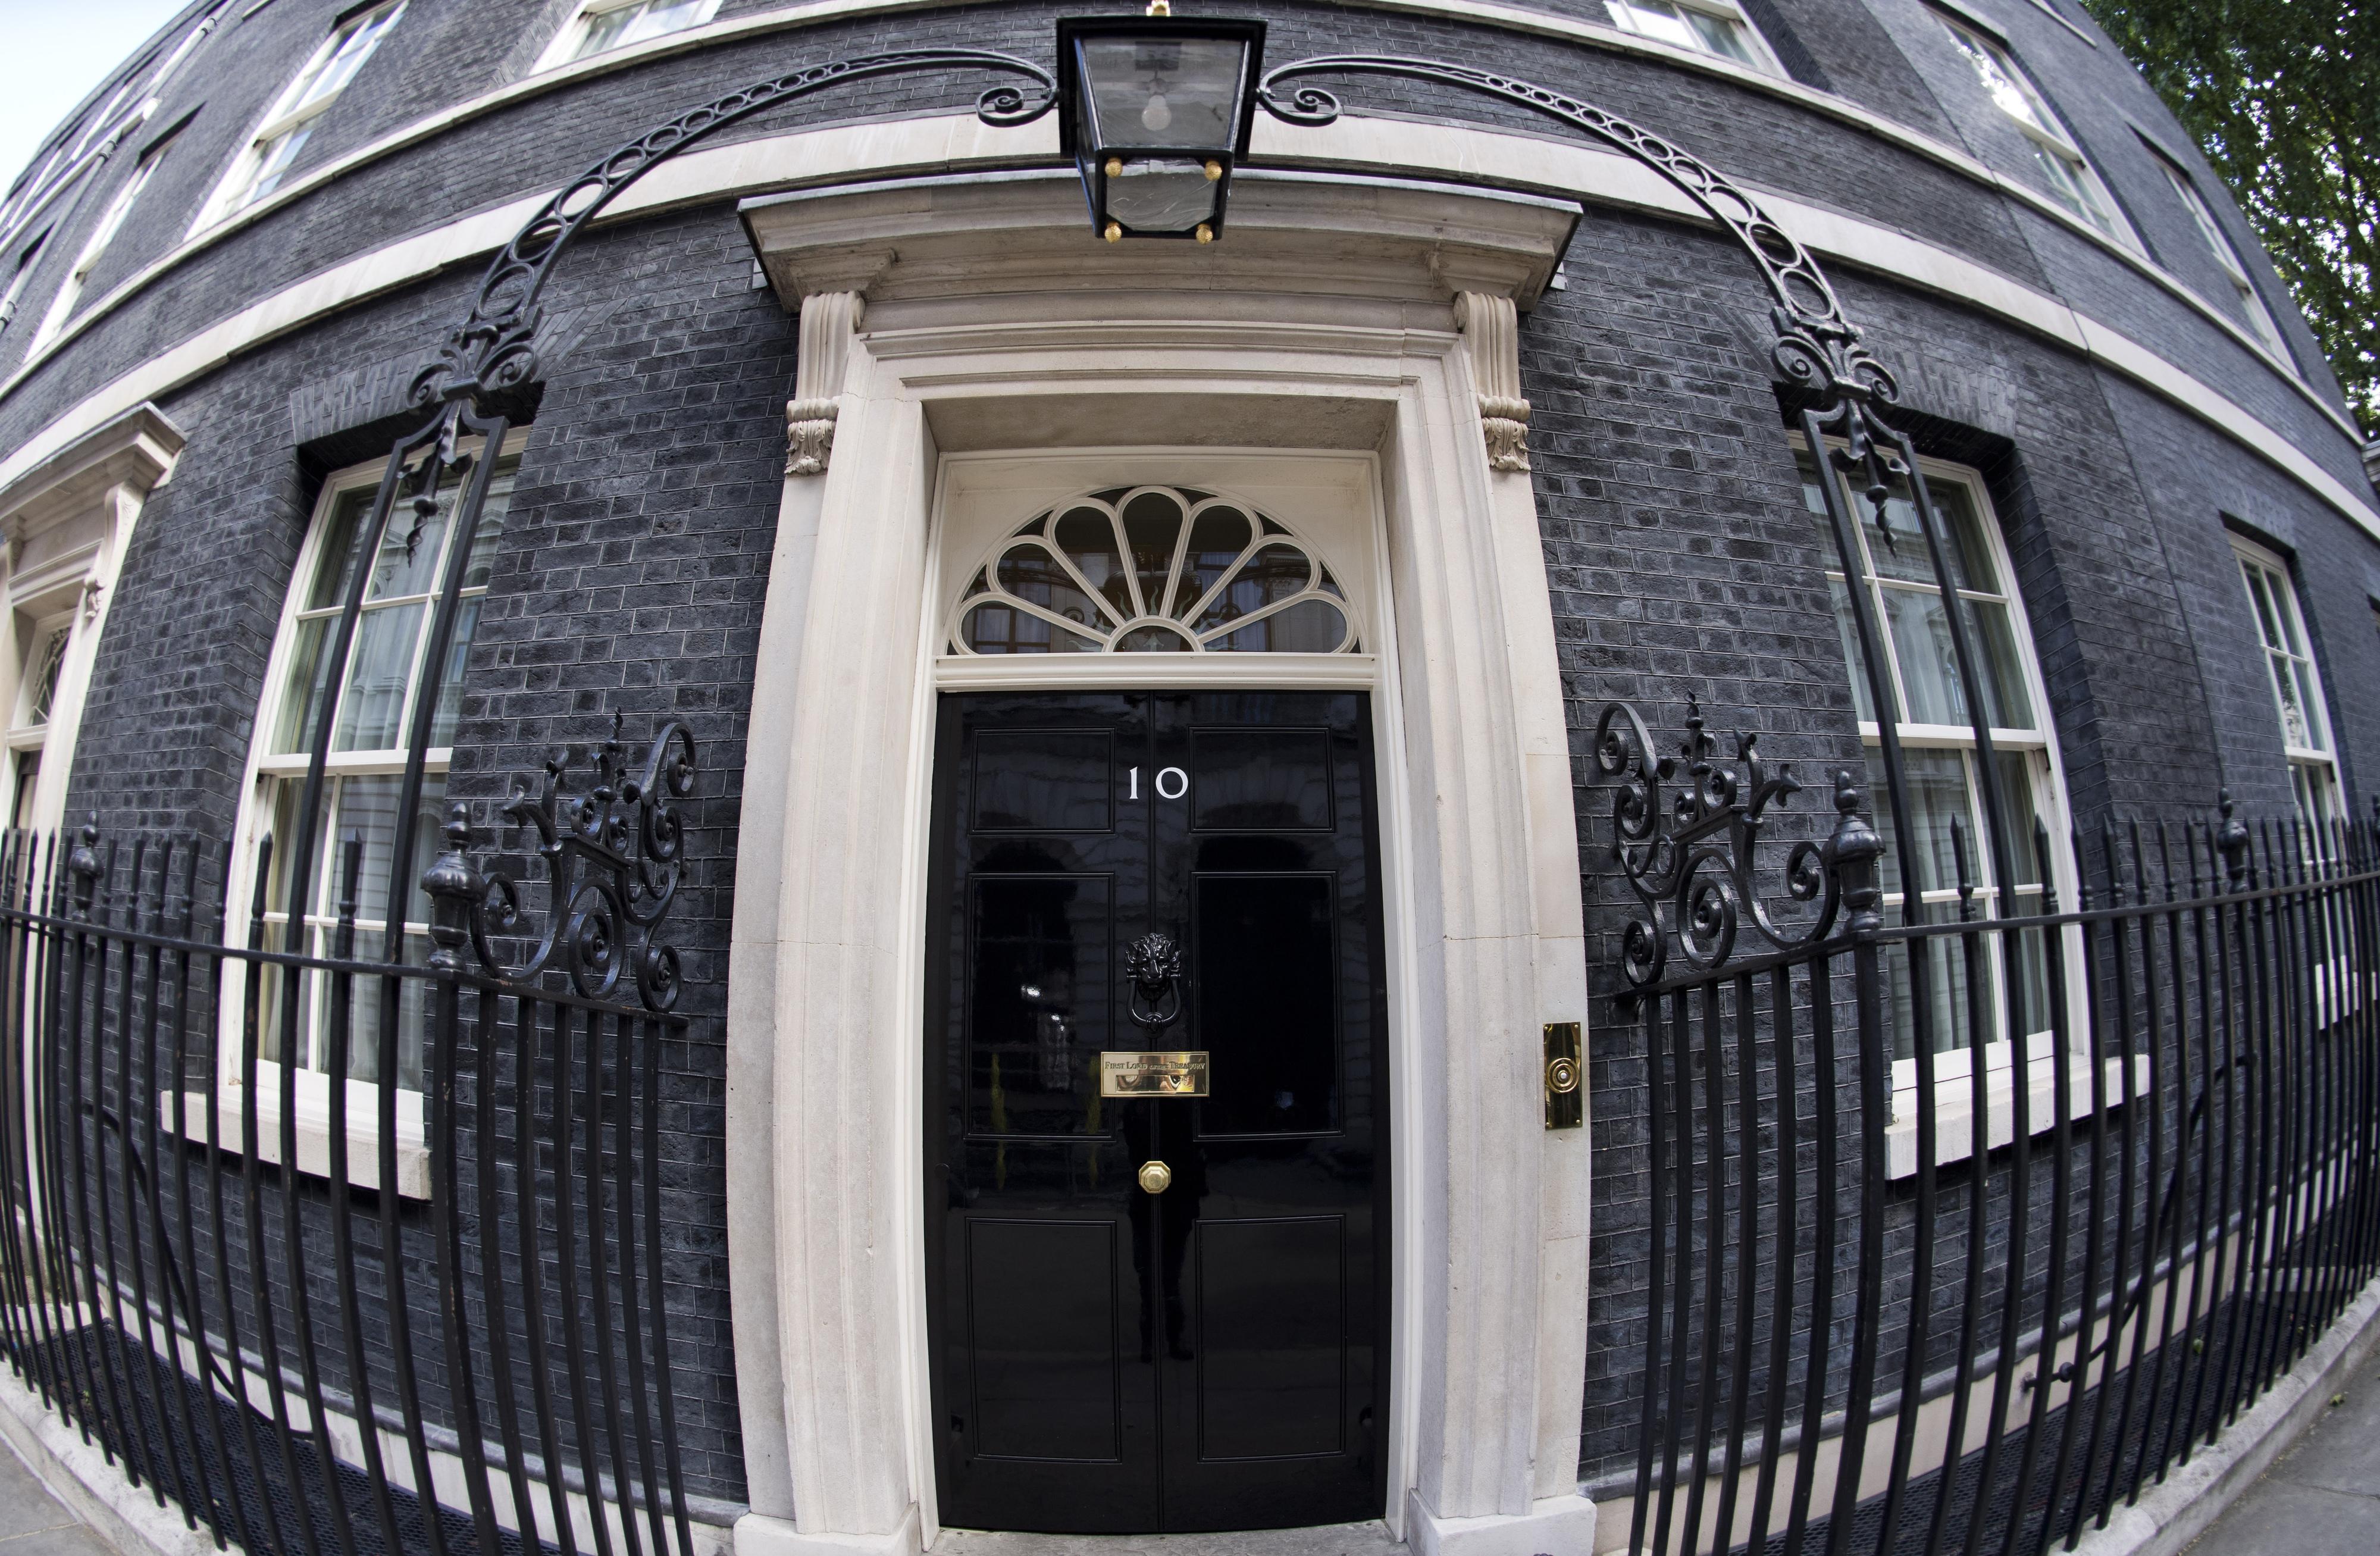 Brexit: Quatro dos cinco candidatos a primeiro-ministro querem preparar Reino Unido para uma saída sem acordo